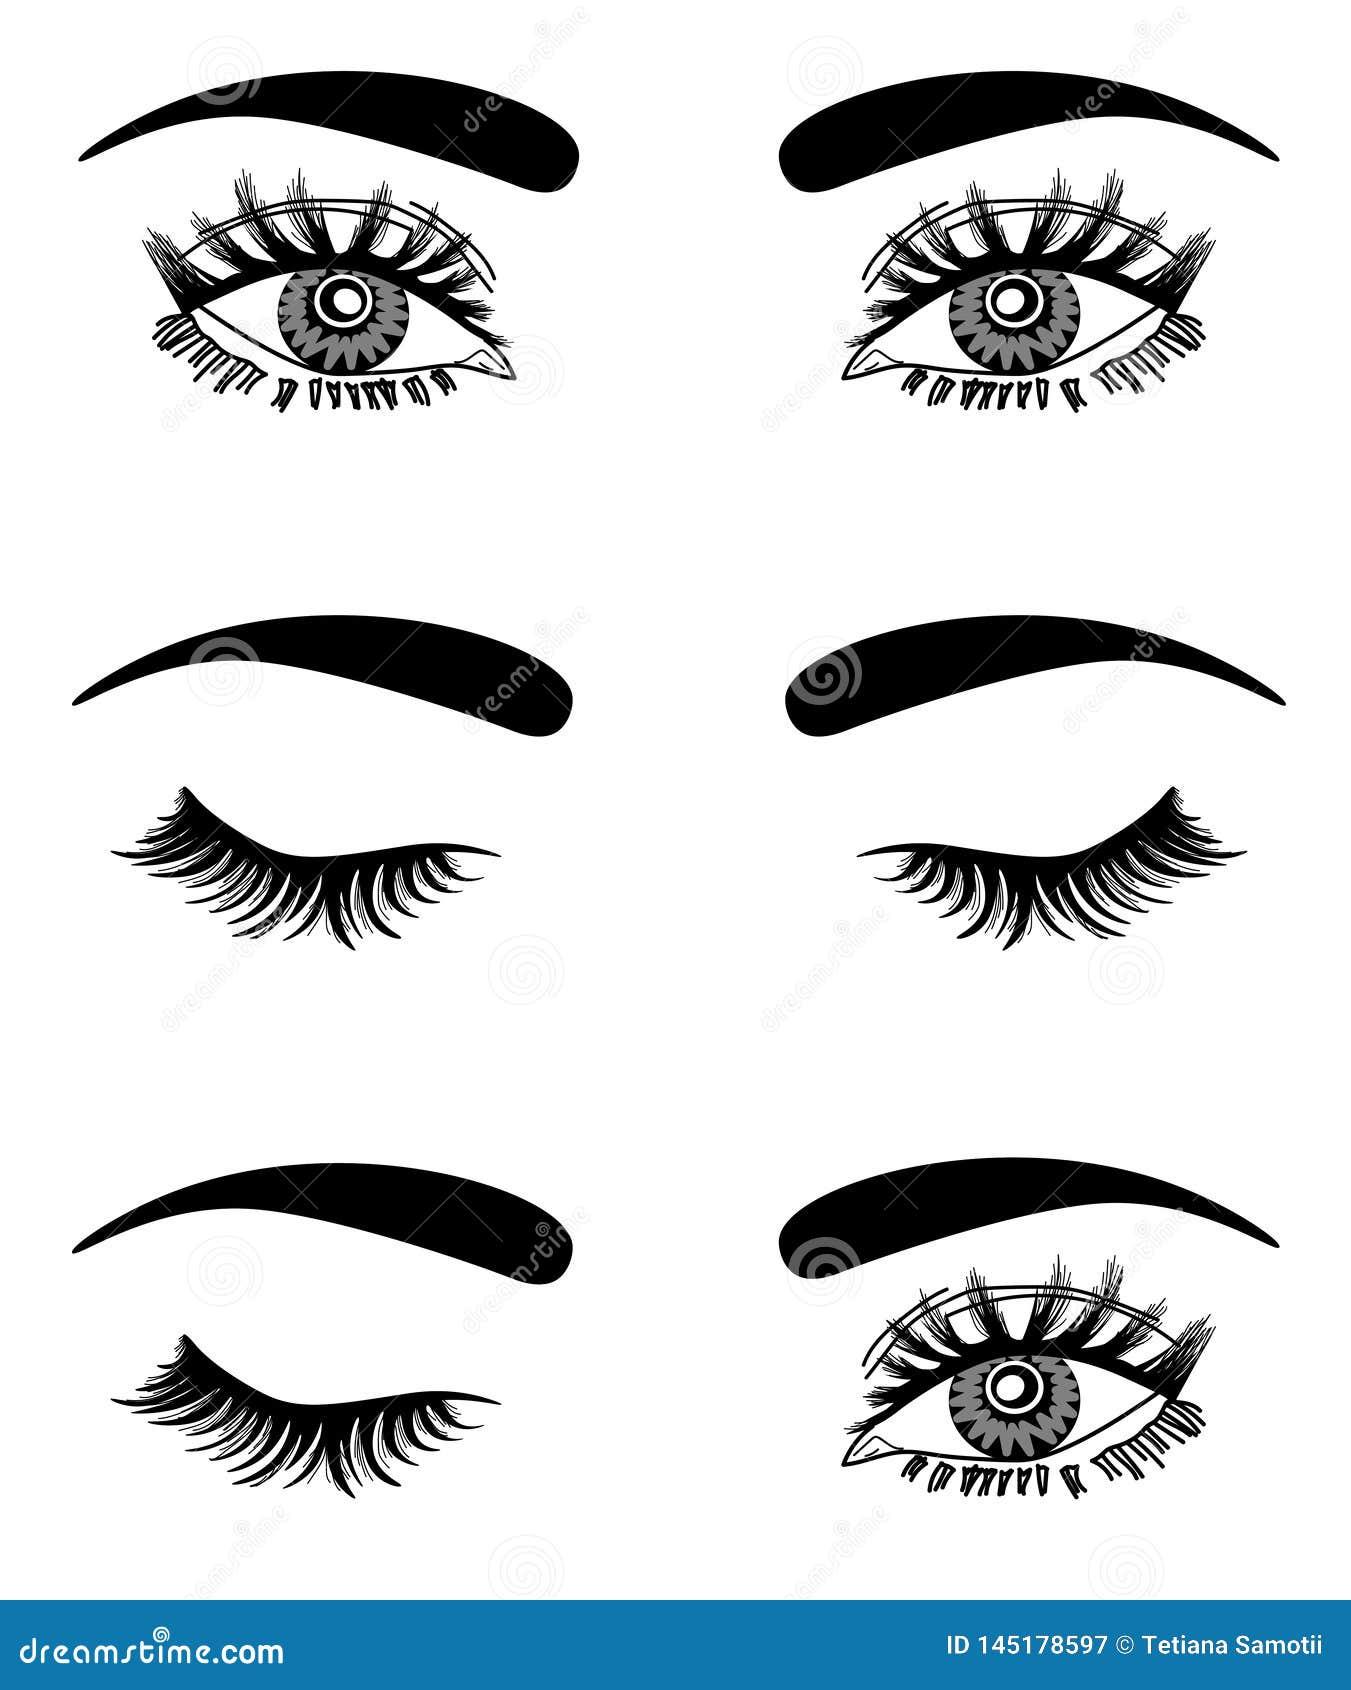 Web Illustratie van het sexy luxueuze oog van de vrouw met volkomen gestalte gegeven wenkbrauwen en volledige zwepen Hand-drawn I